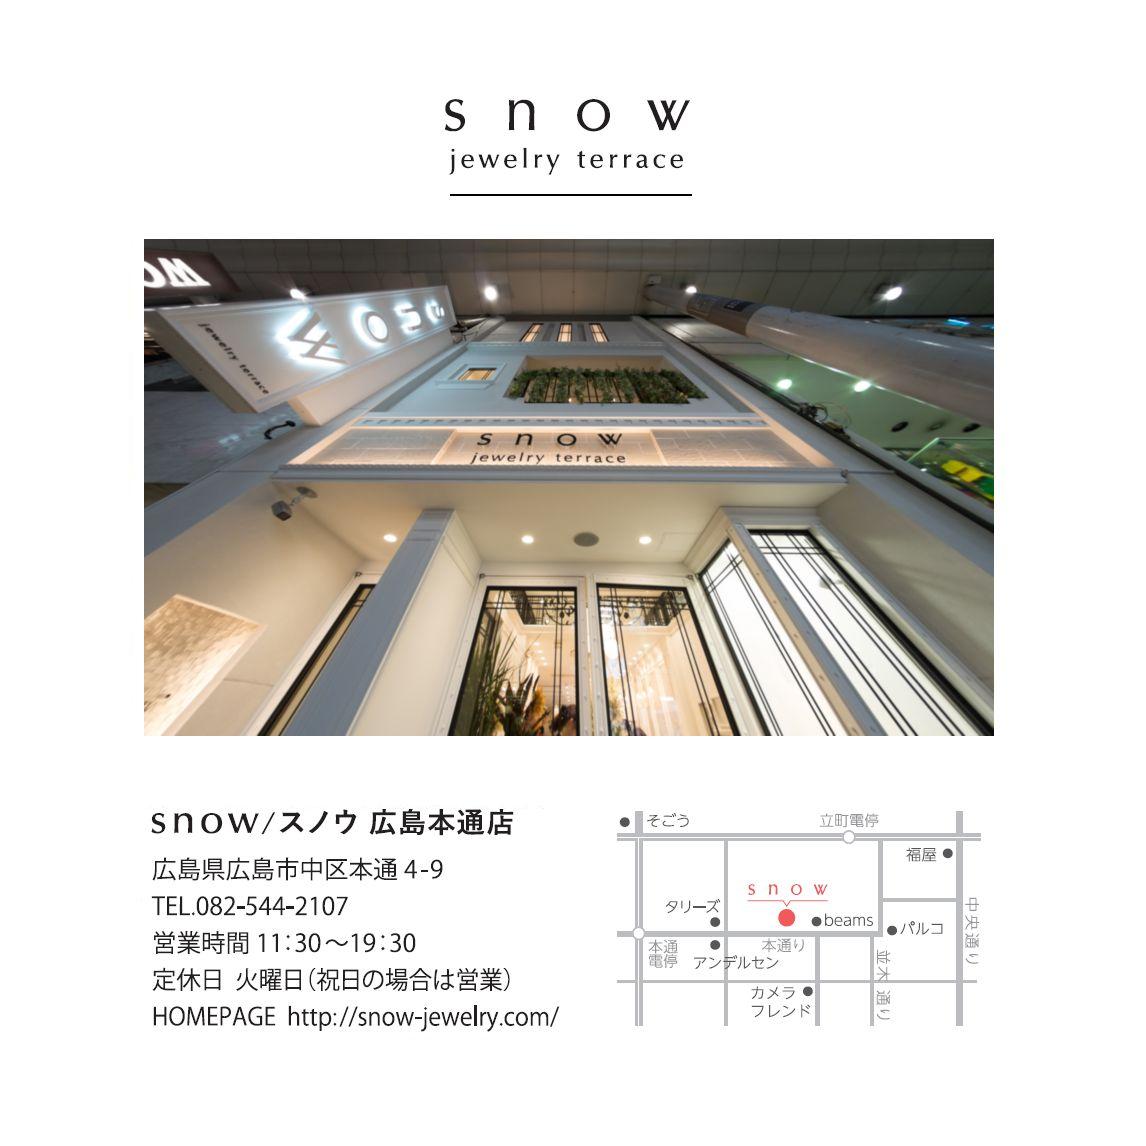 f:id:snow-jewelry-terrace:20201121183100j:plain